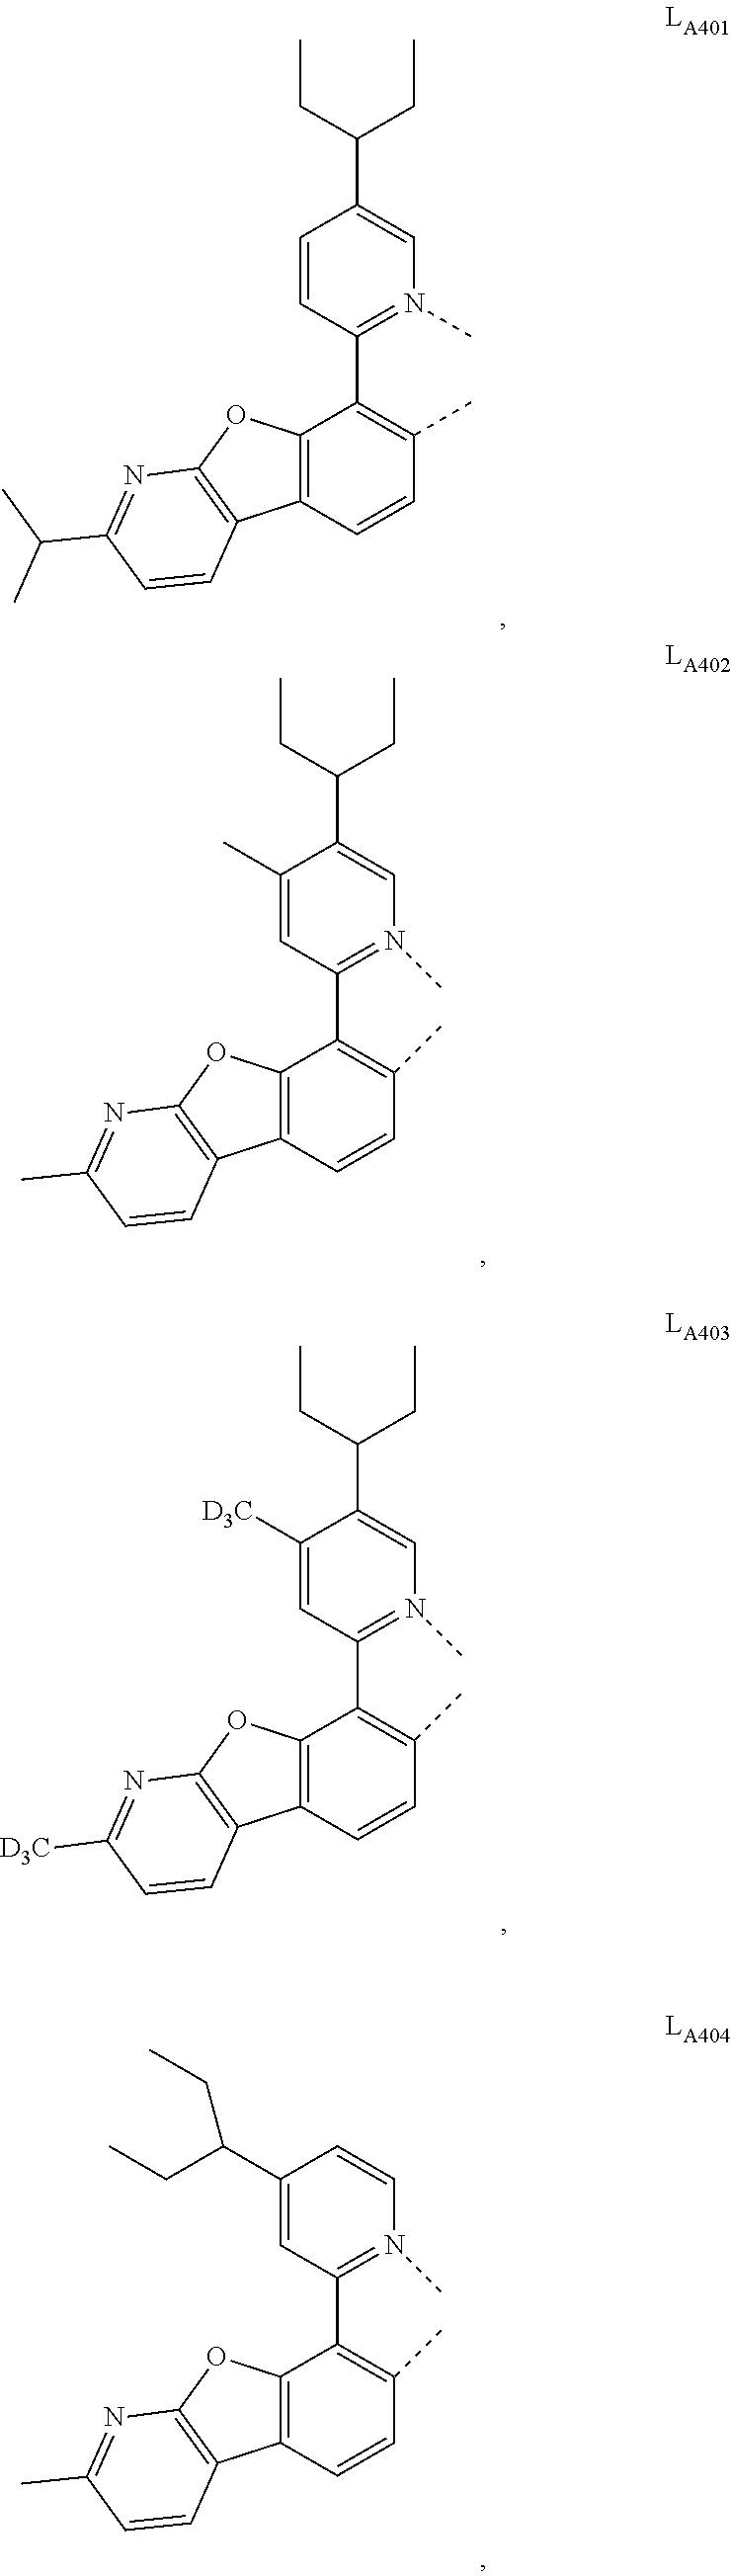 Figure US20160049599A1-20160218-C00487